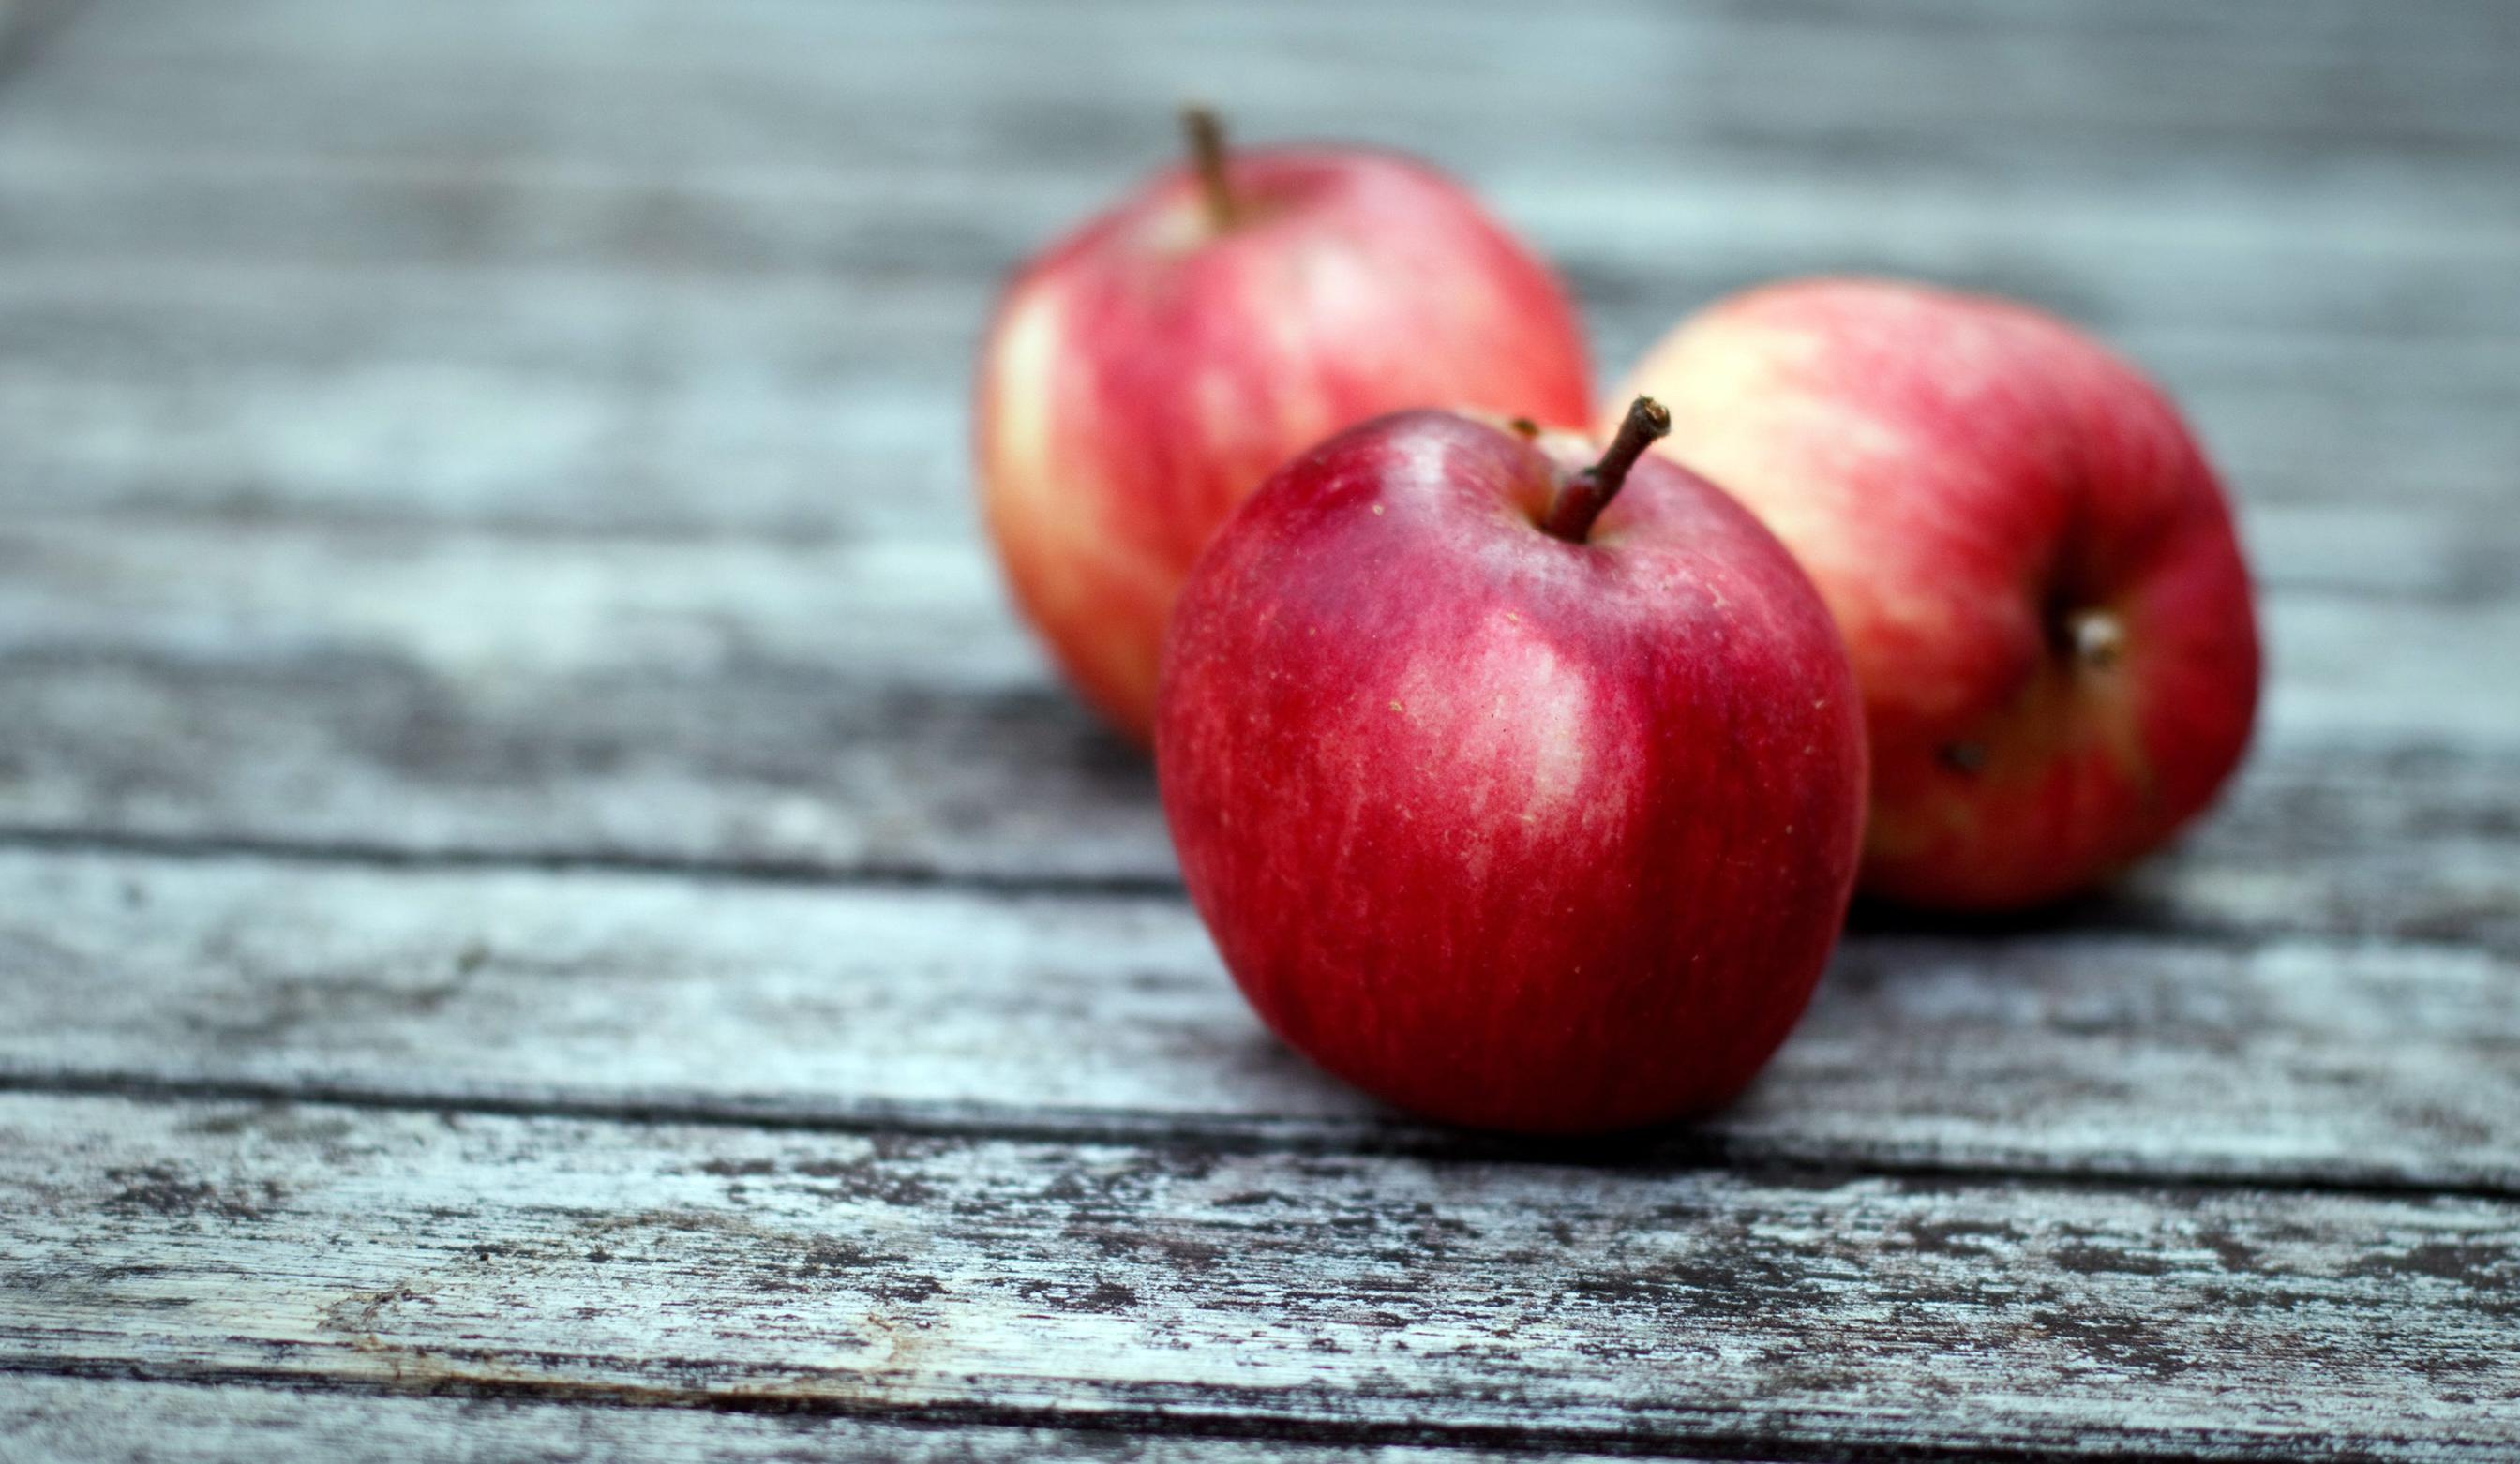 числе картинки яблоки на столе пример касающийся линии